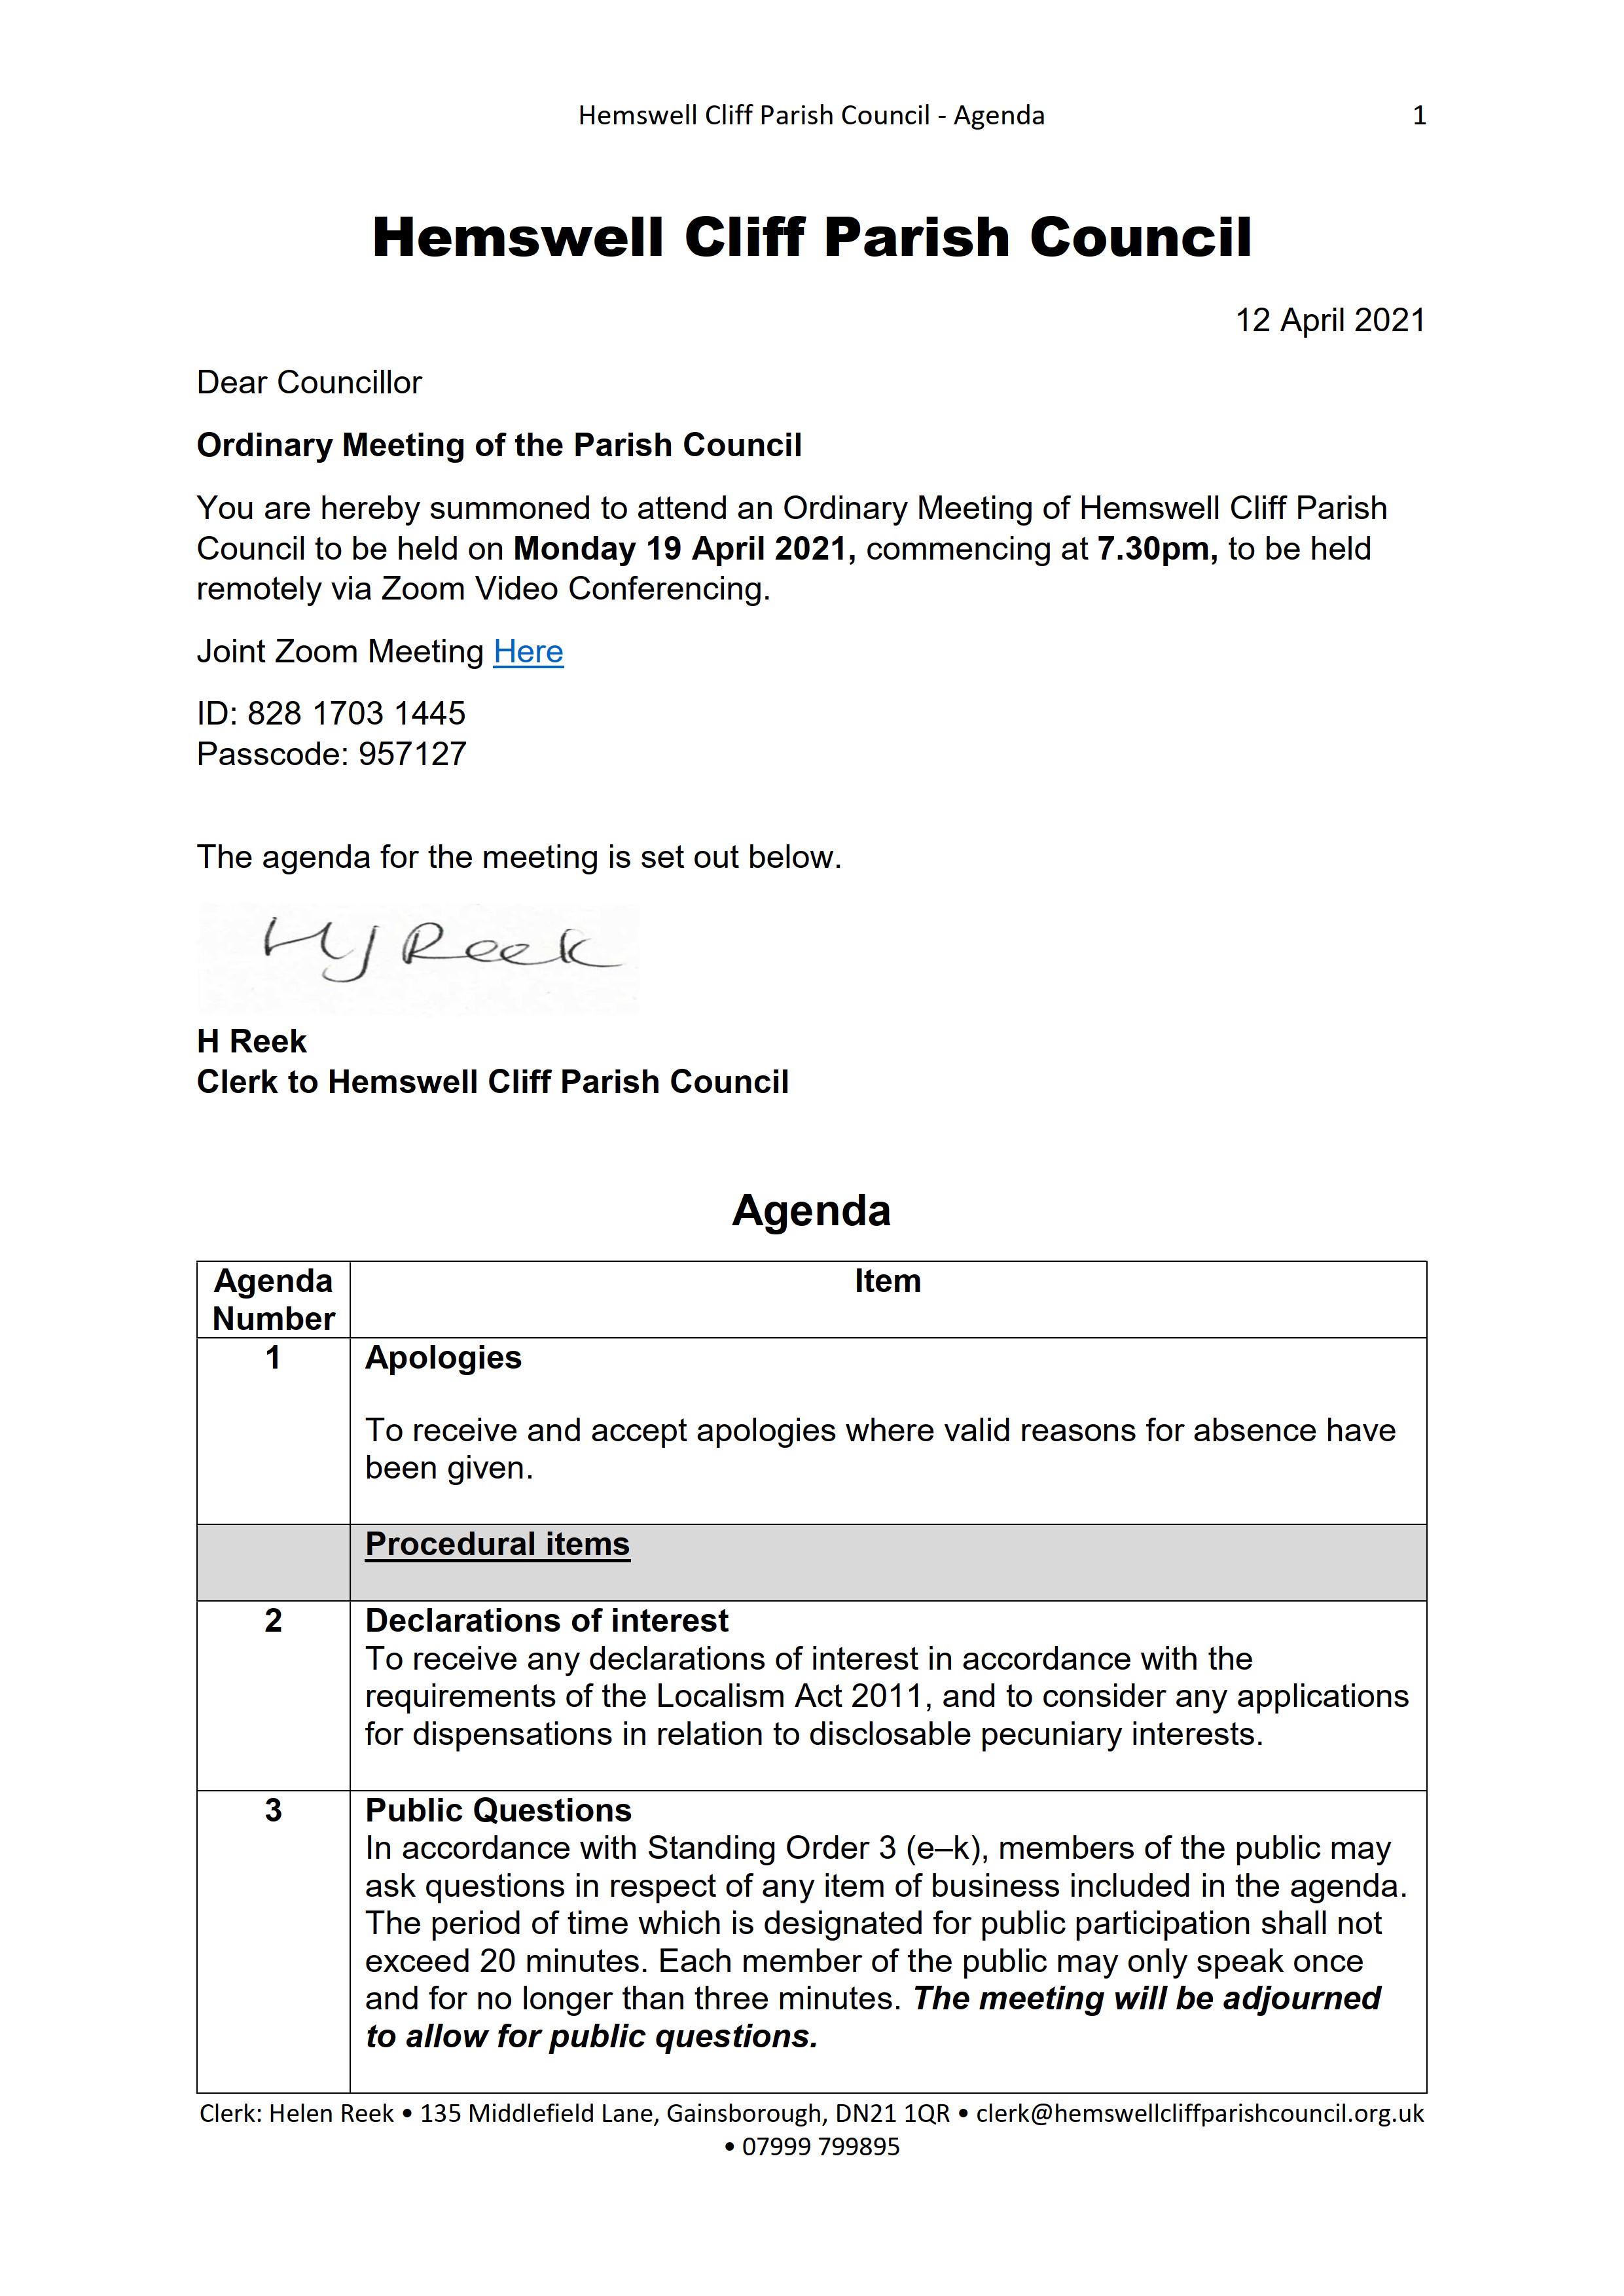 HCPC_Agenda_19.04.21_1.png